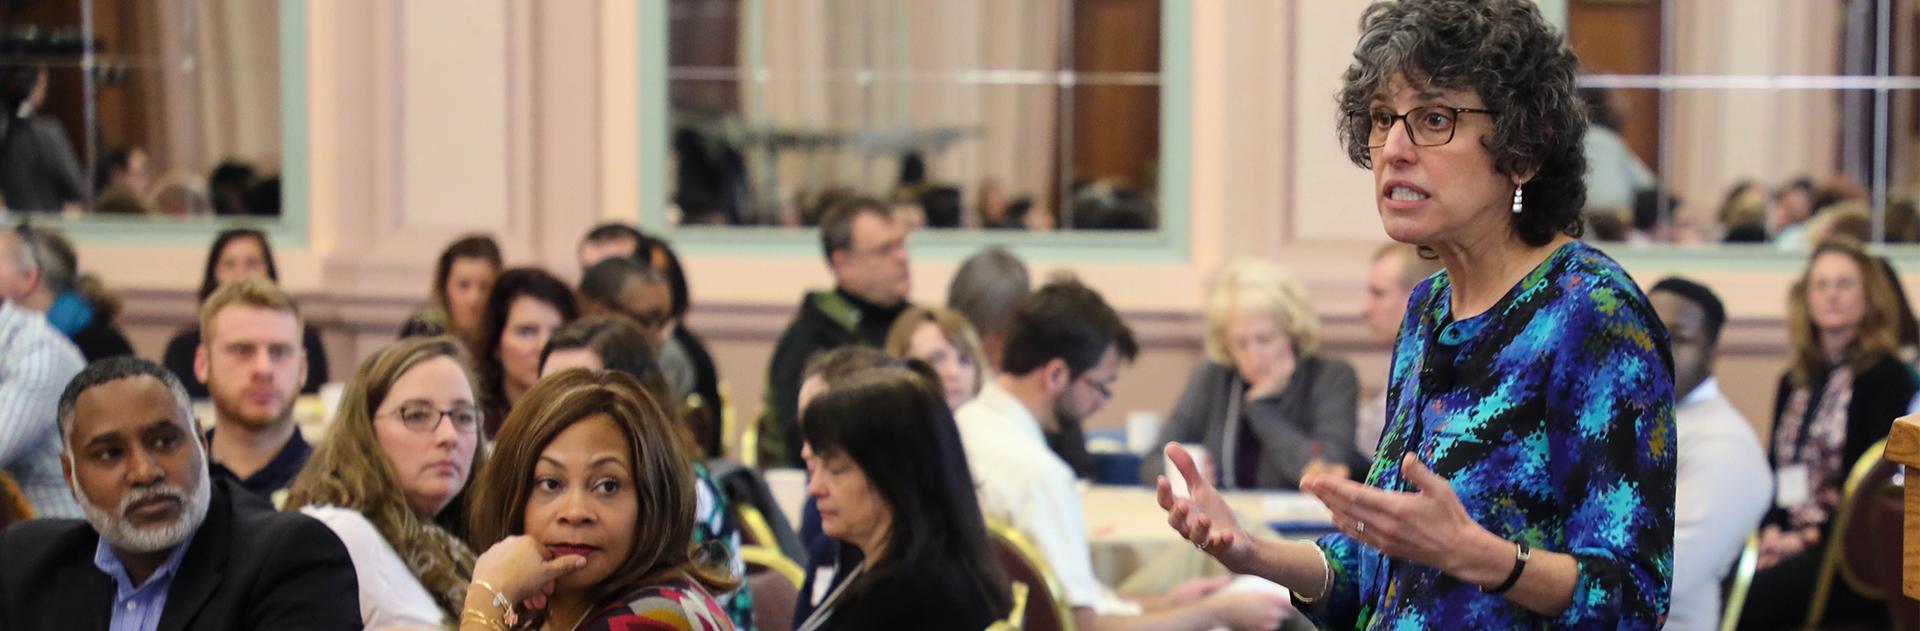 Symposium-Large